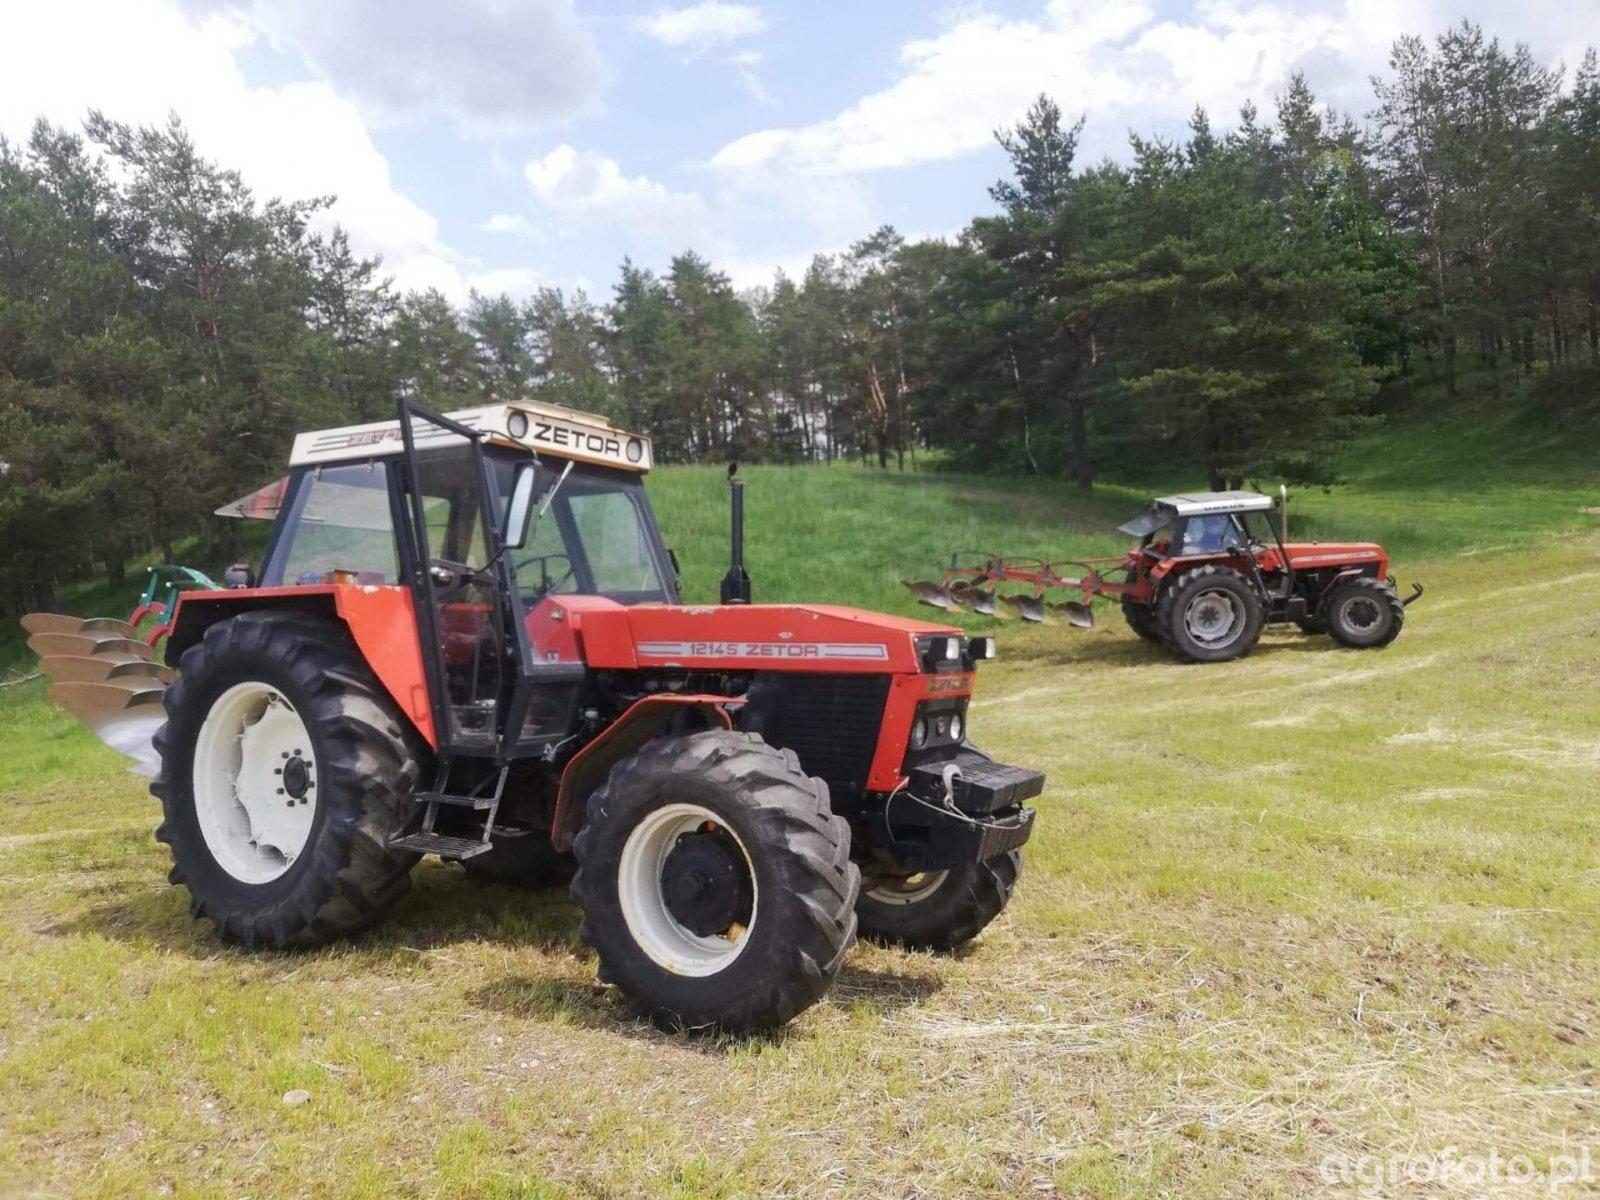 Zetor 12145 + AB100 & U1614 + Kverneland